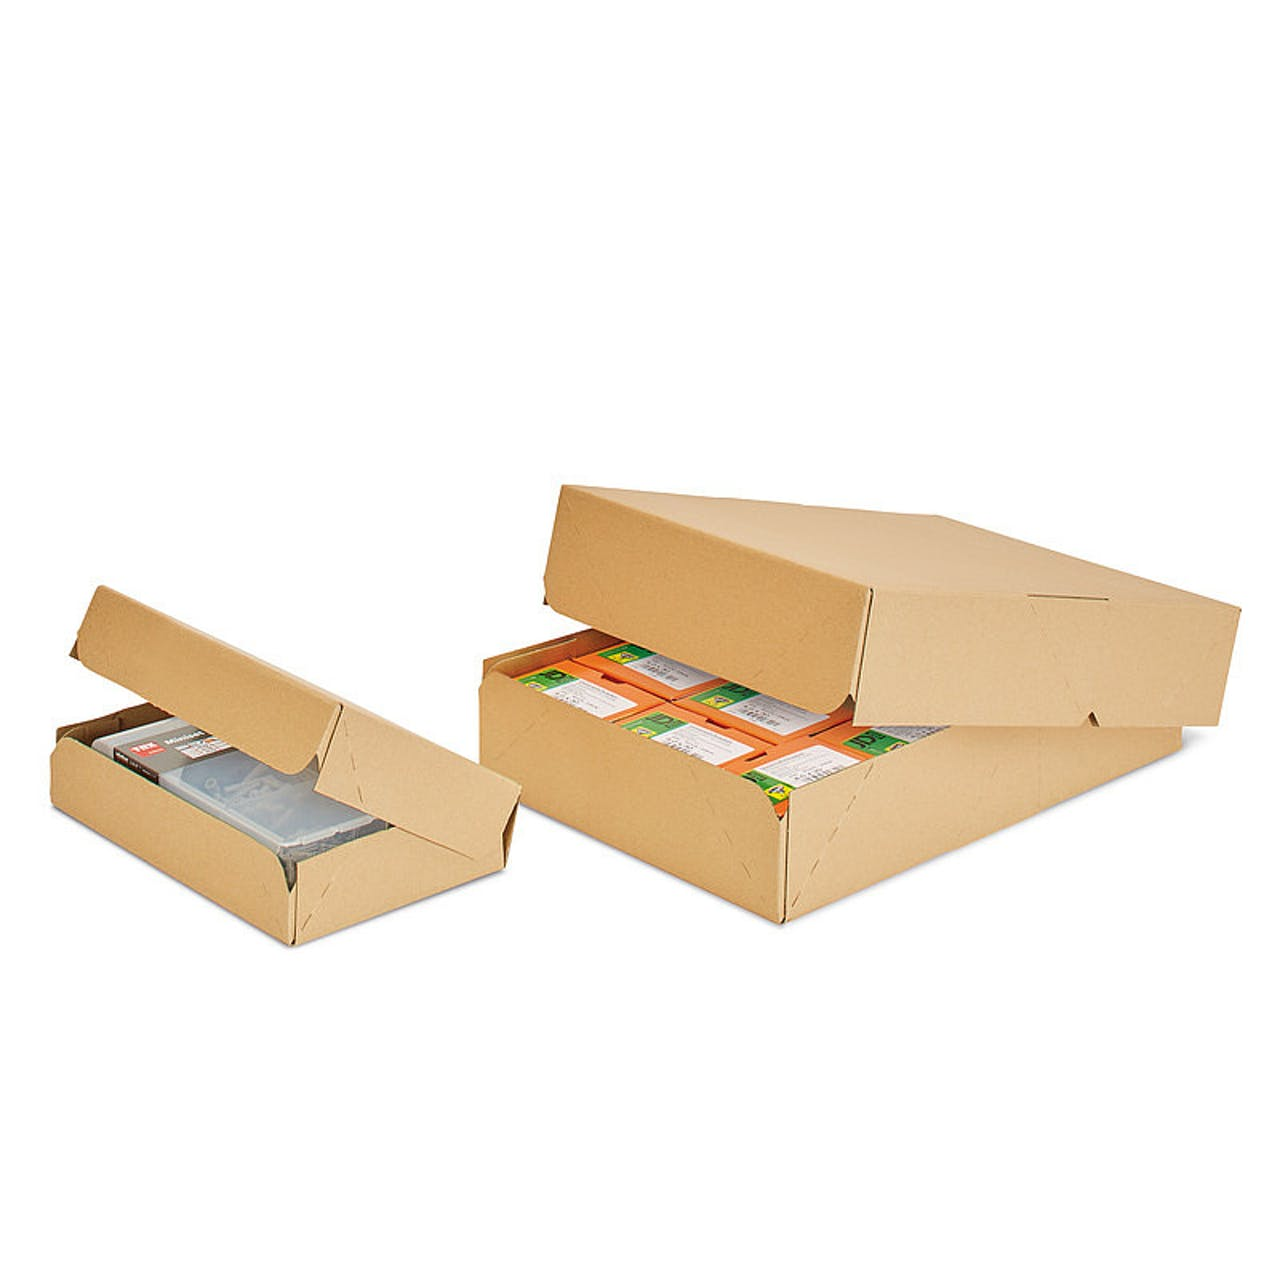 Kommissionierkarton, klein, 353 x 250 x 75 mm